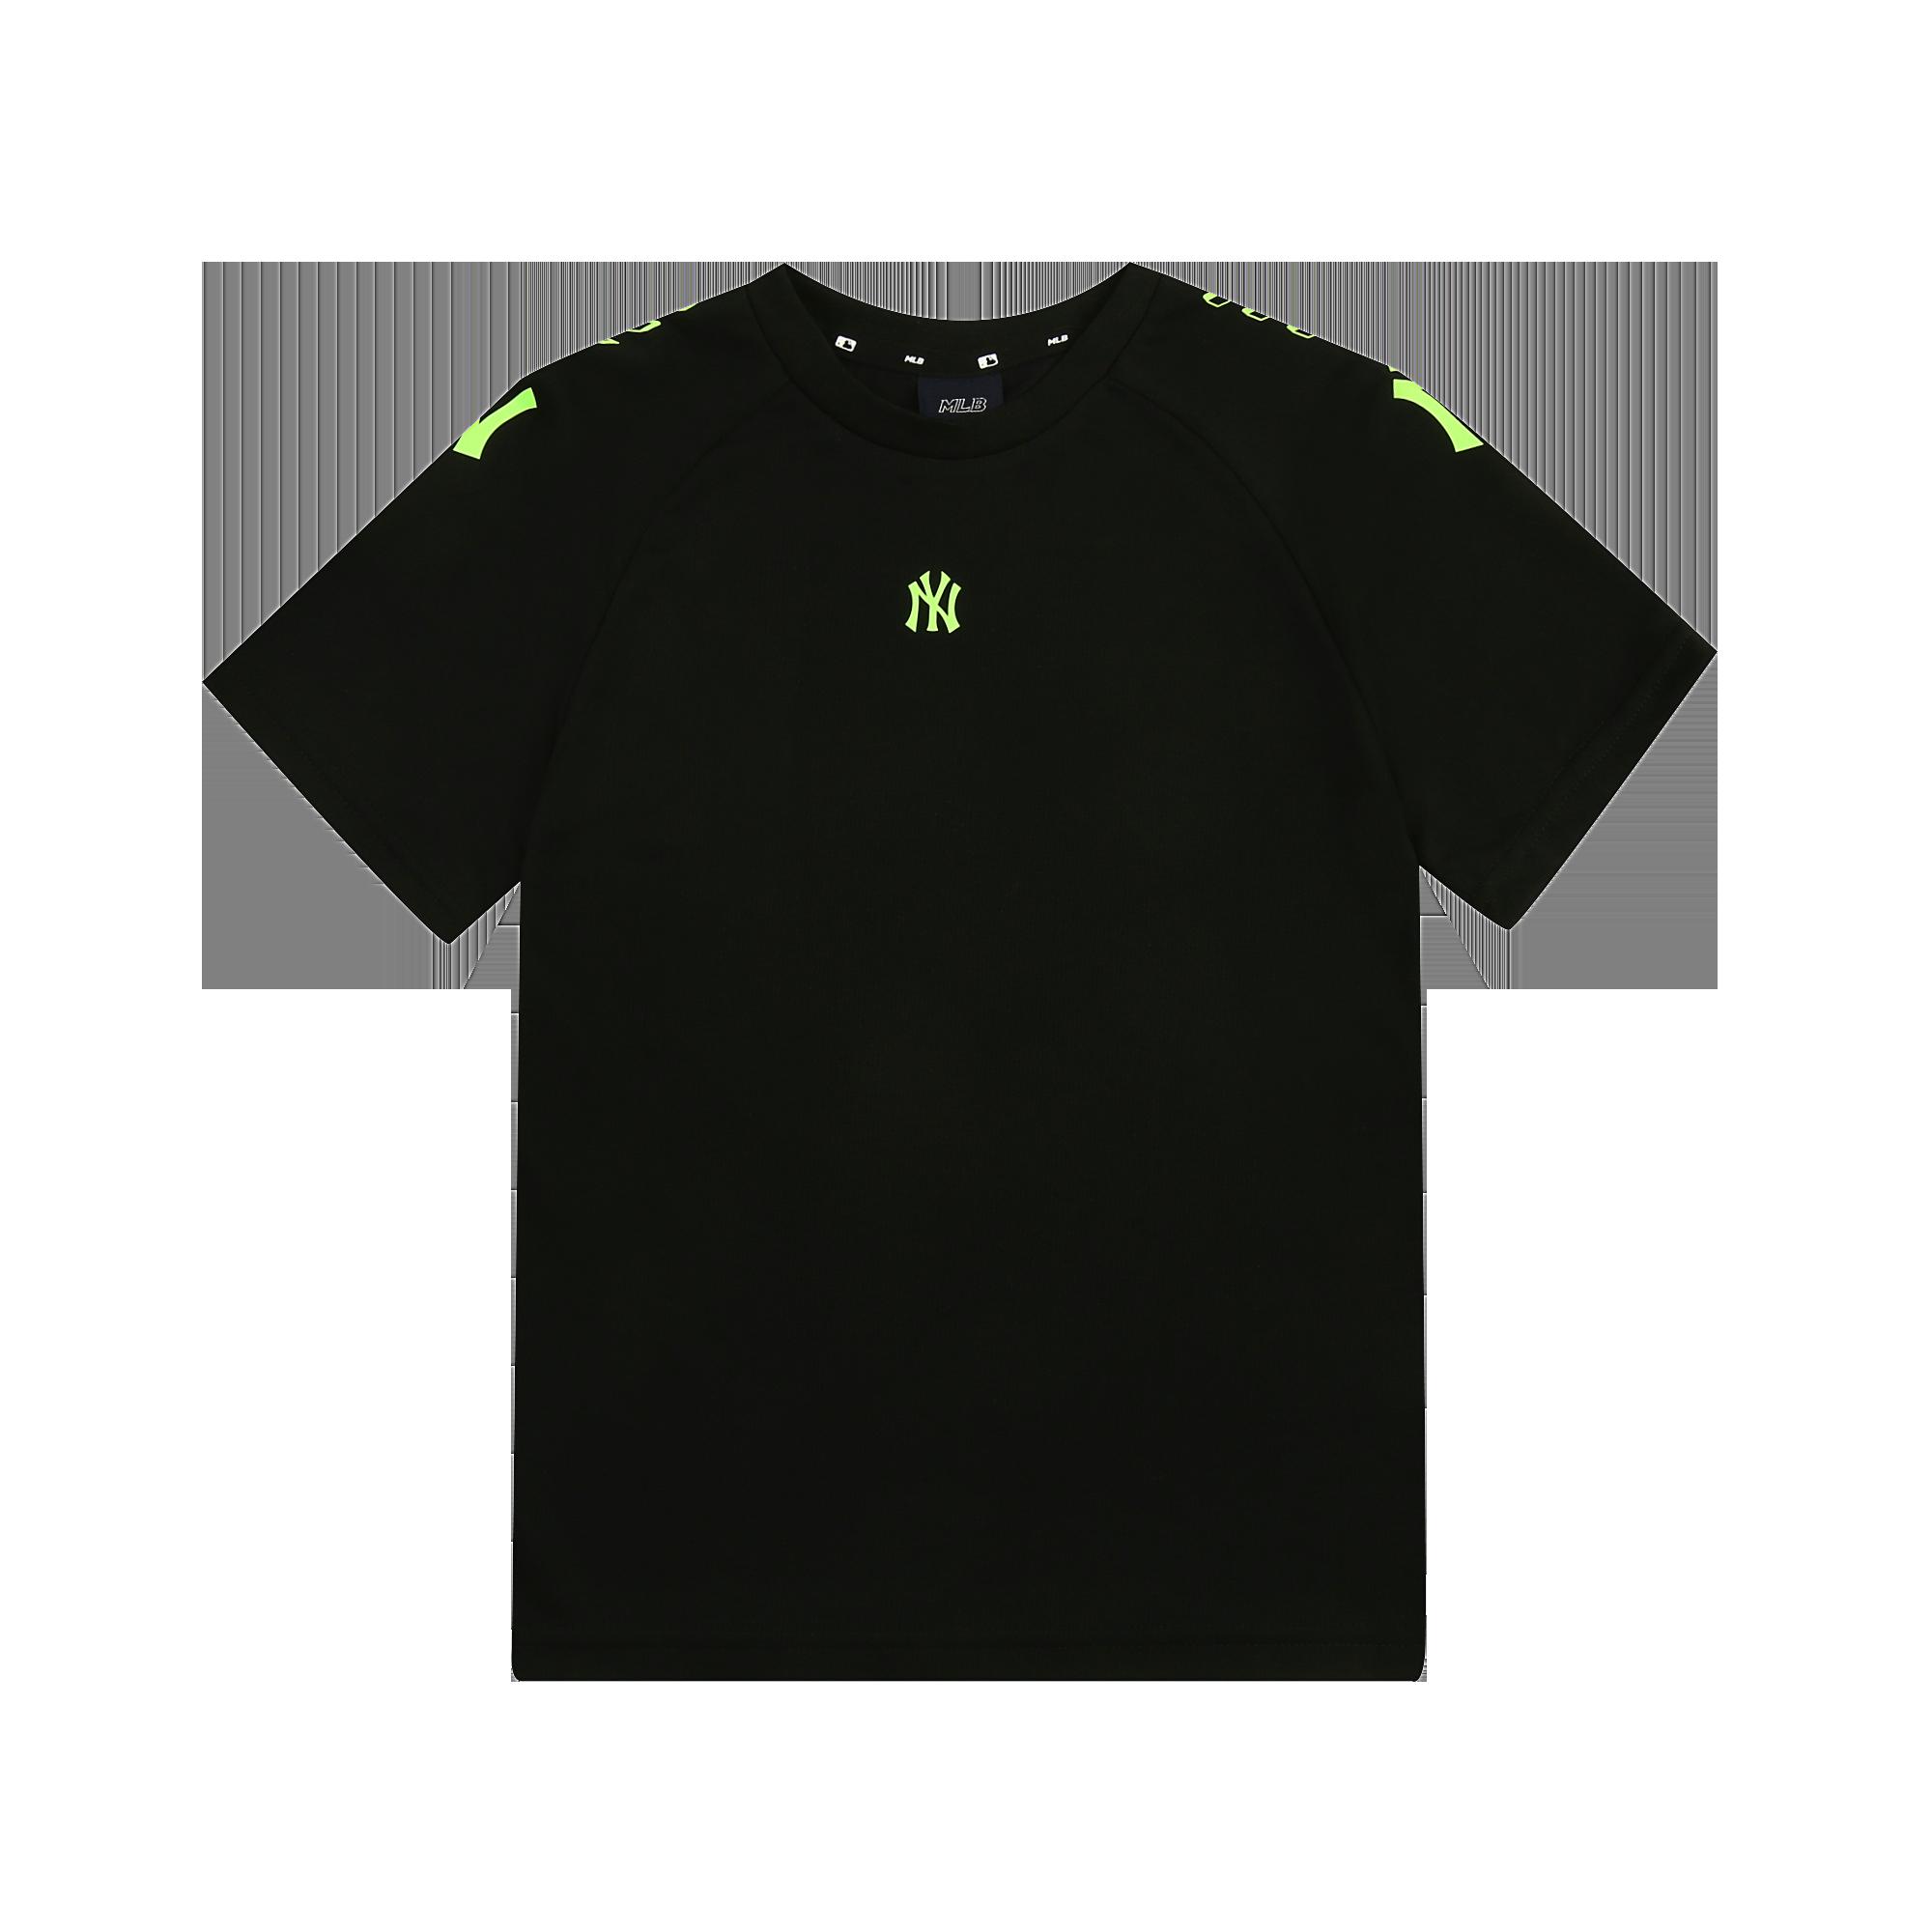 SEAMBALL 실리콘전사 오버핏 라글란 티셔츠